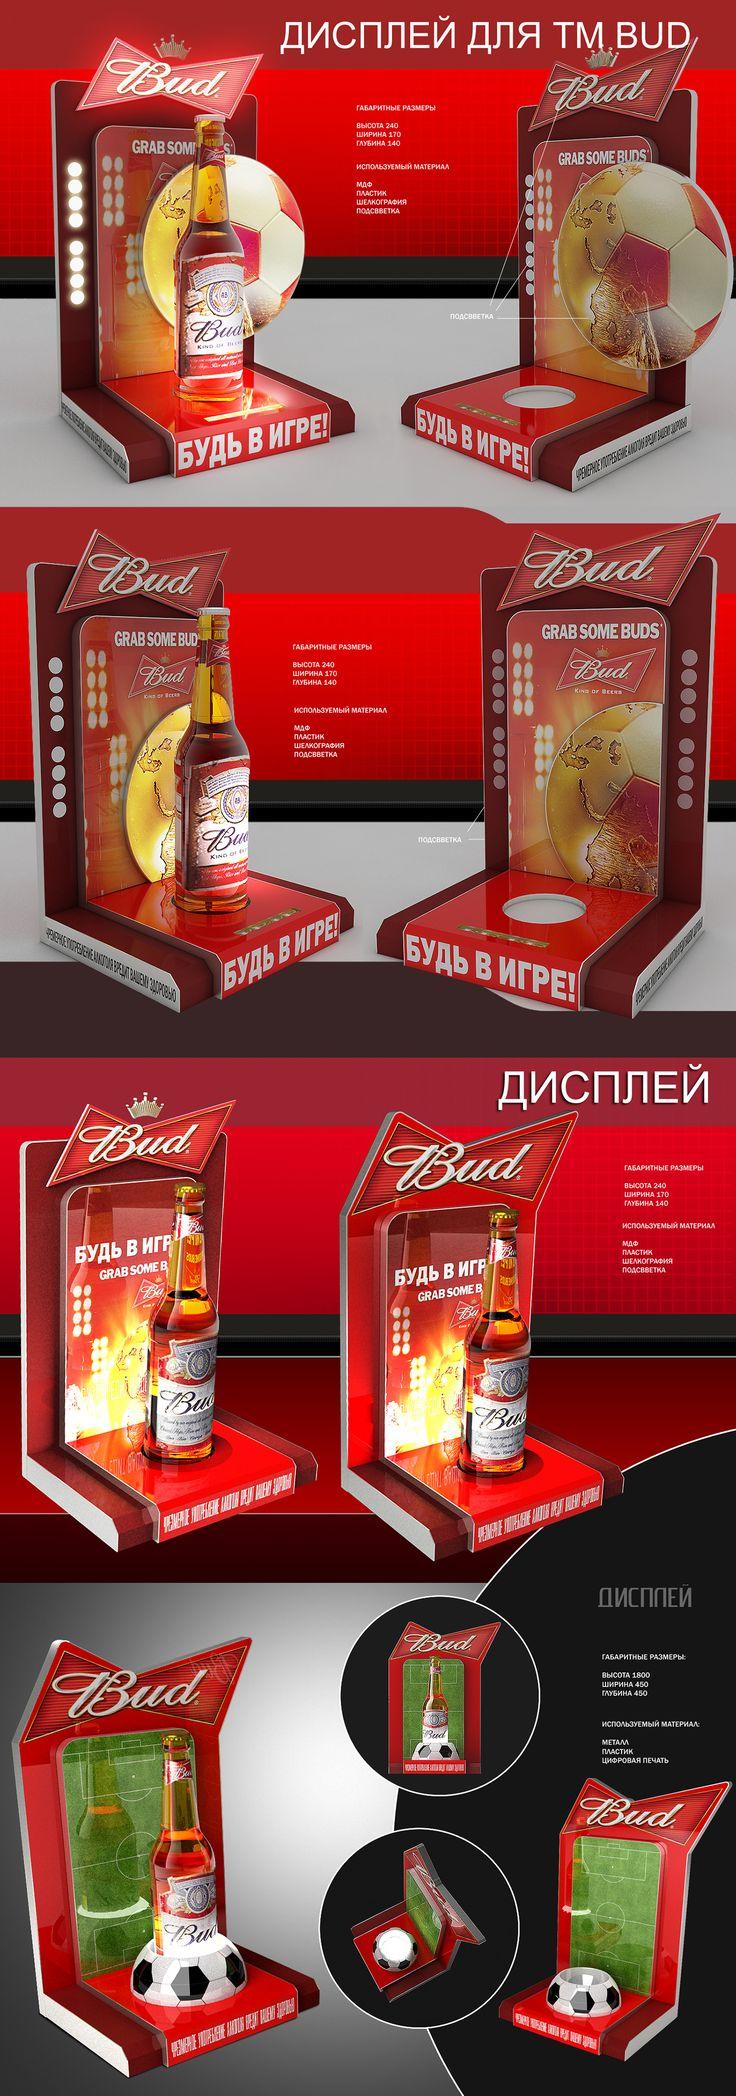 https://www.behance.net/gallery/46170629/BUD-displays-4